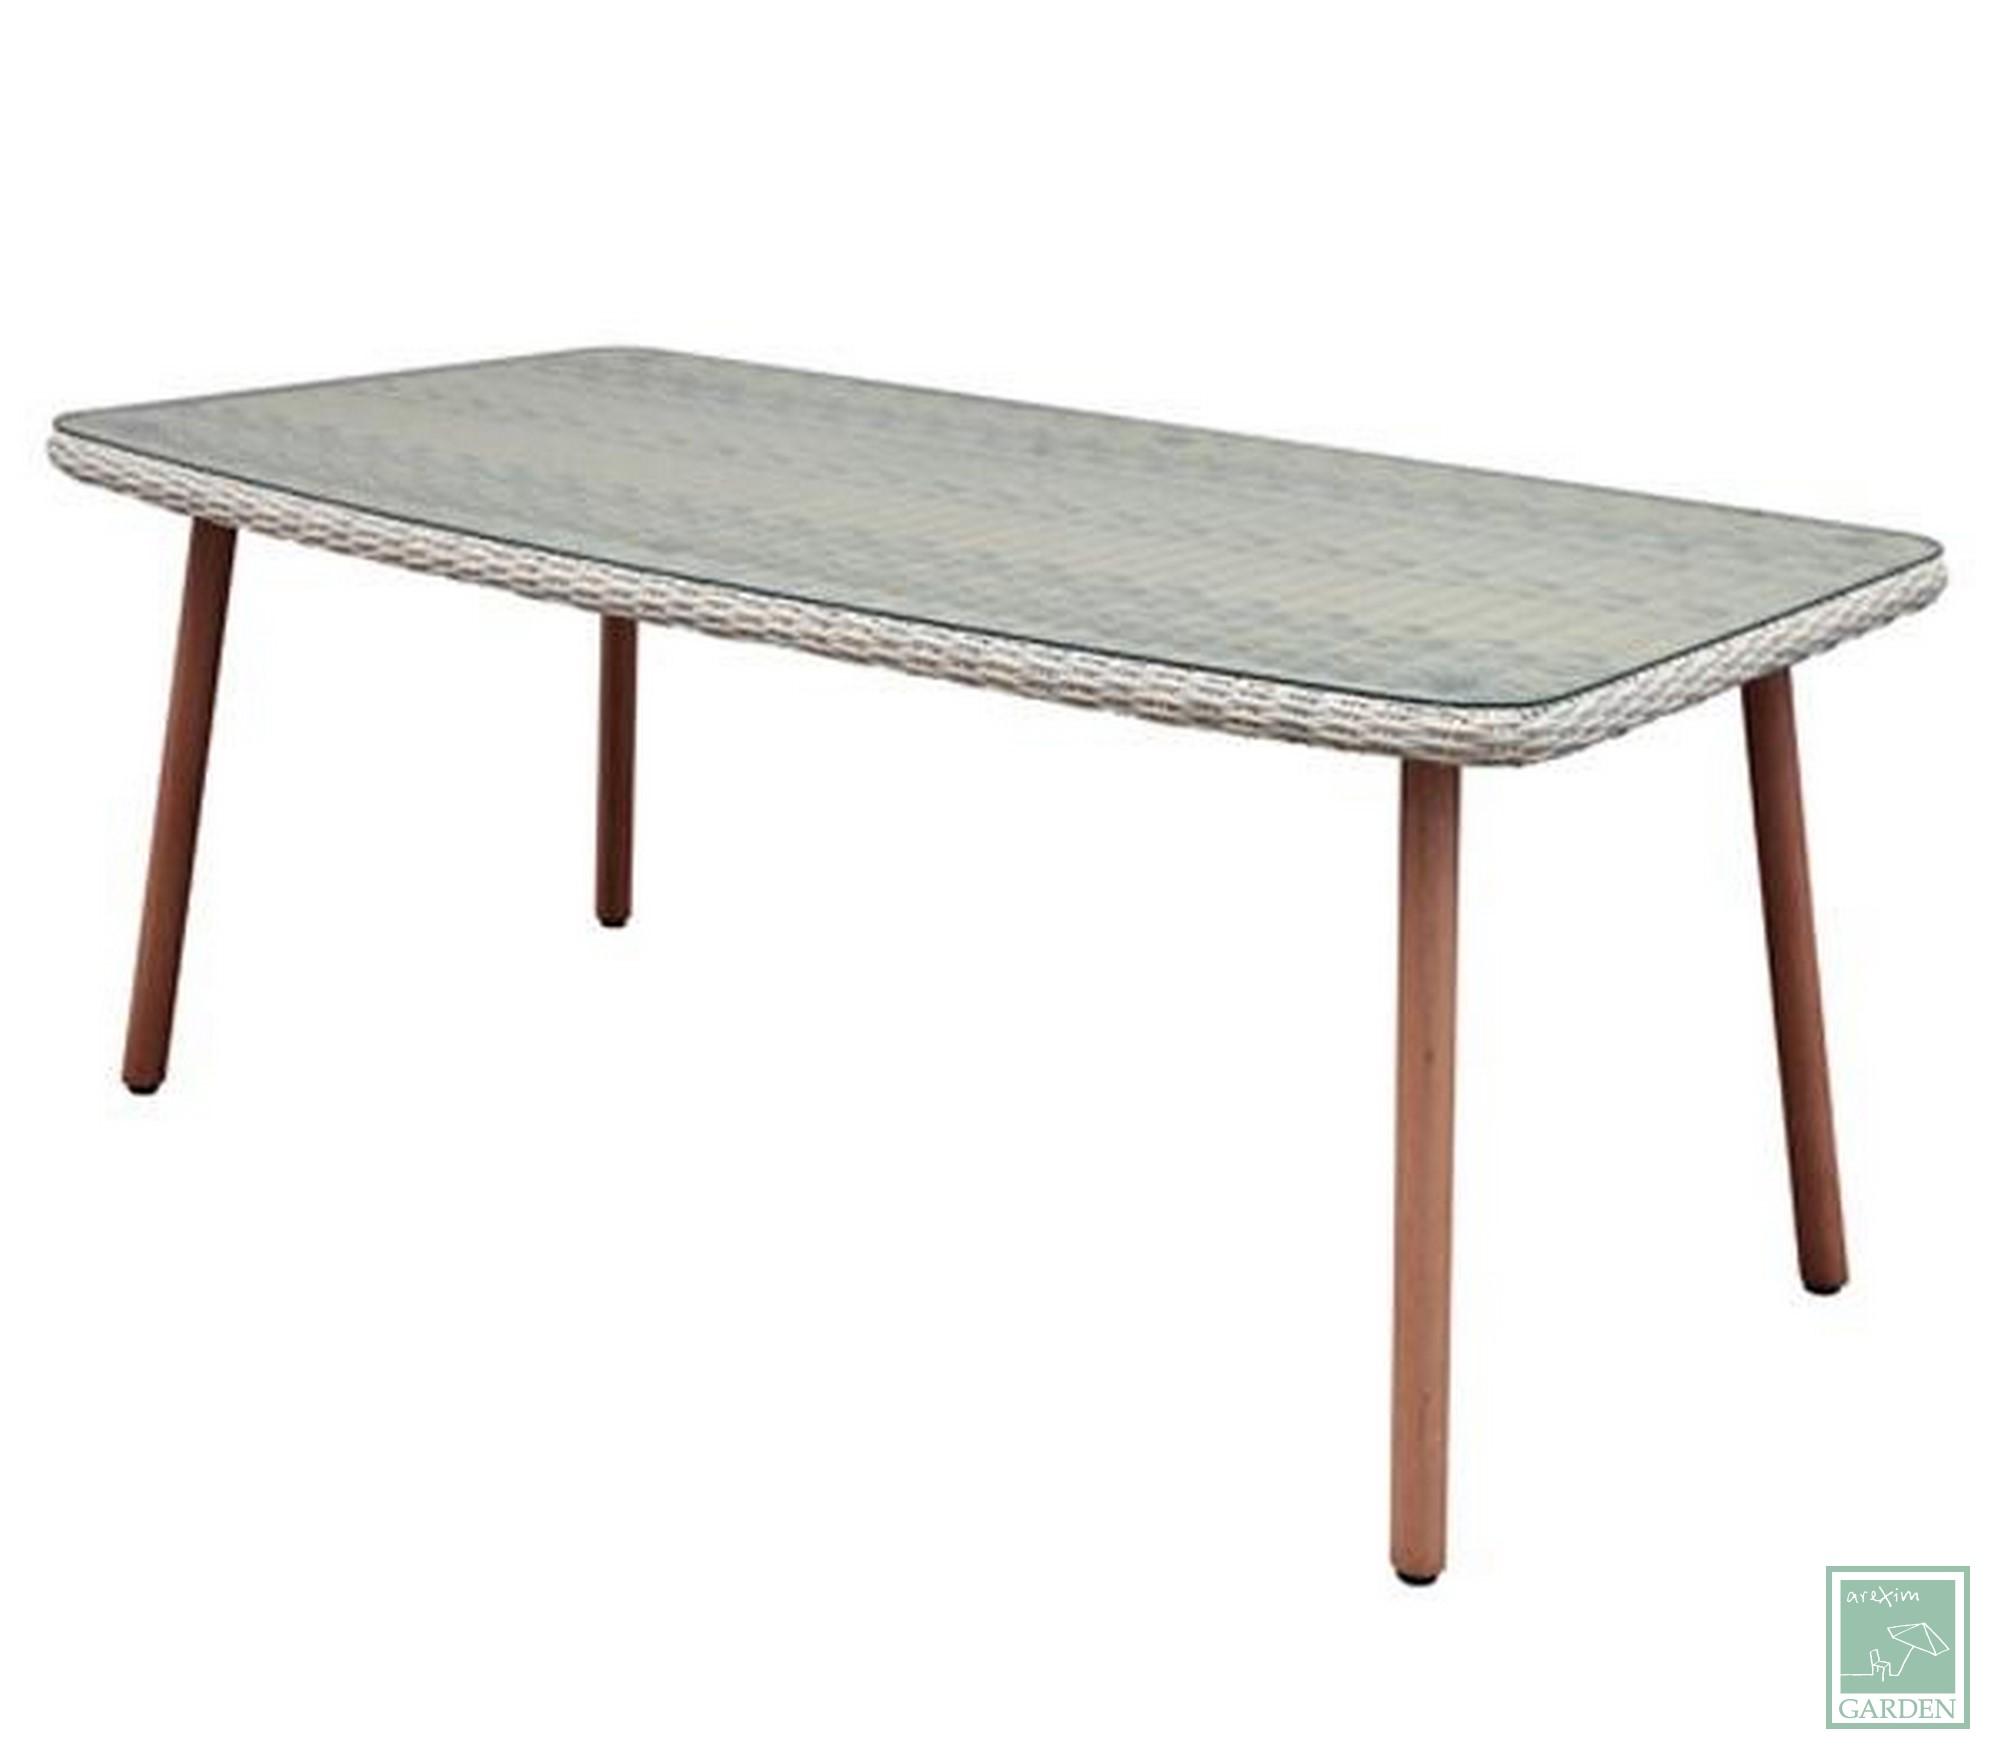 Wicker table WE6798